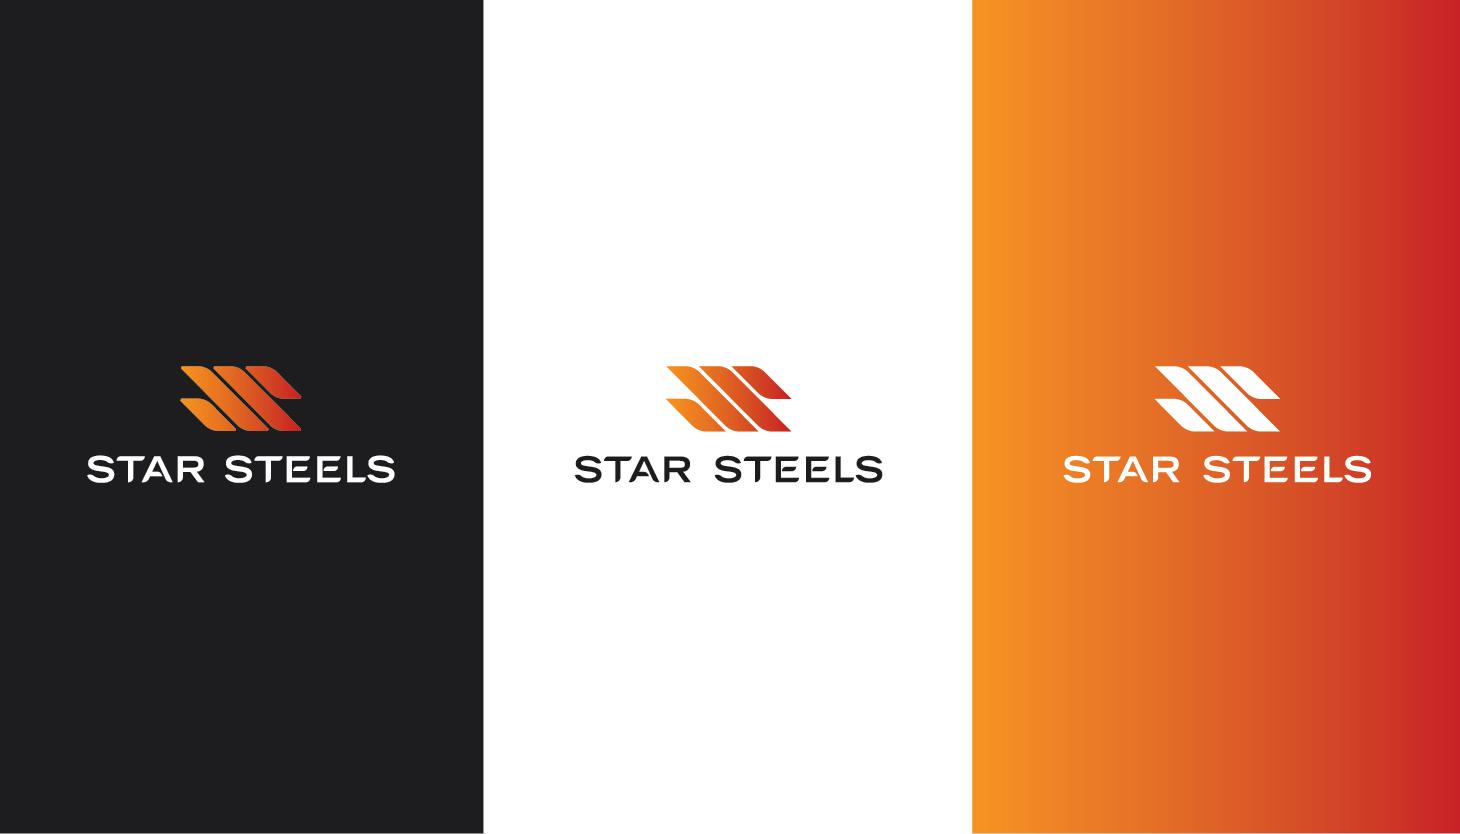 starsteels-05